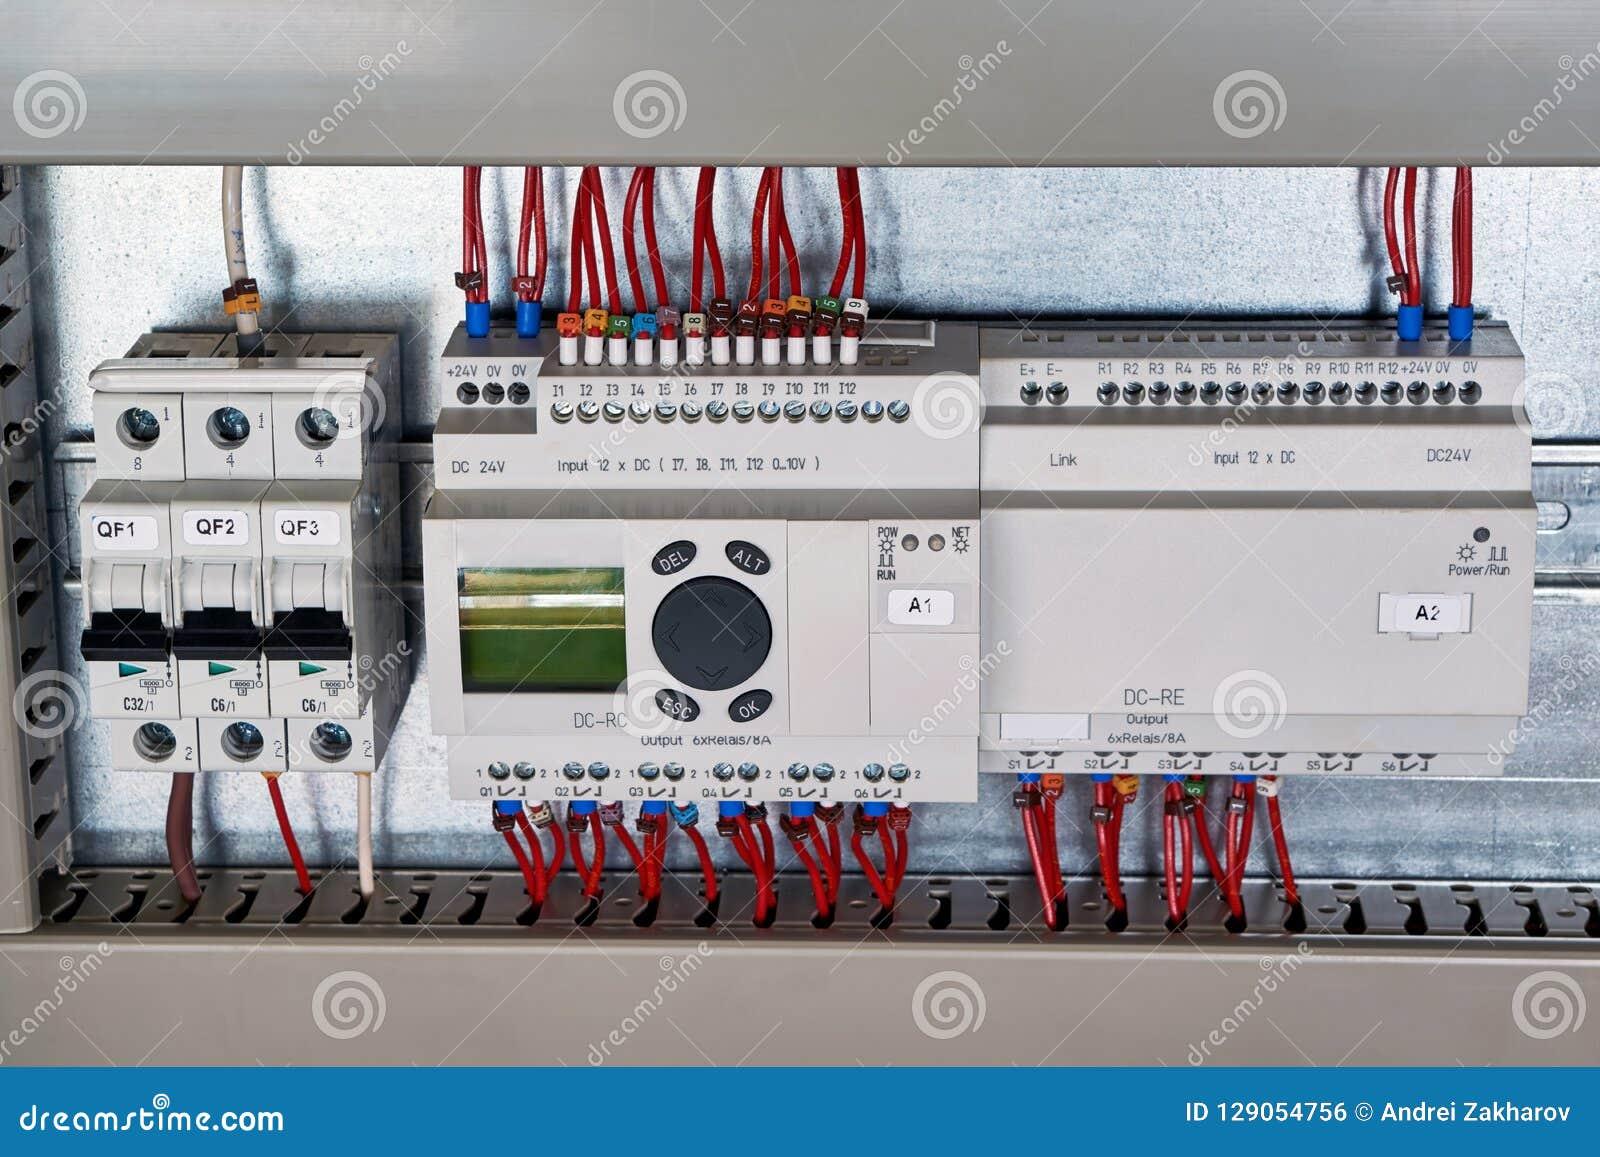 В электрическом автомате защити цепи шкафа, командное реле, блок расширения